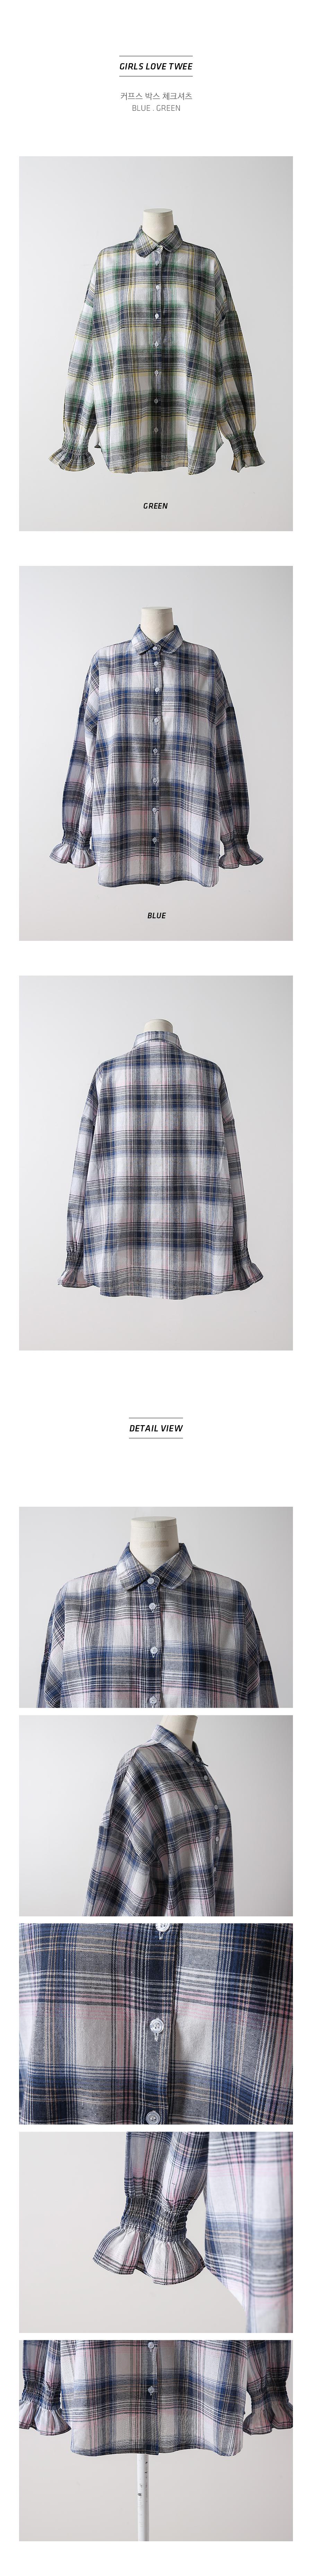 Cuff-box check shirt